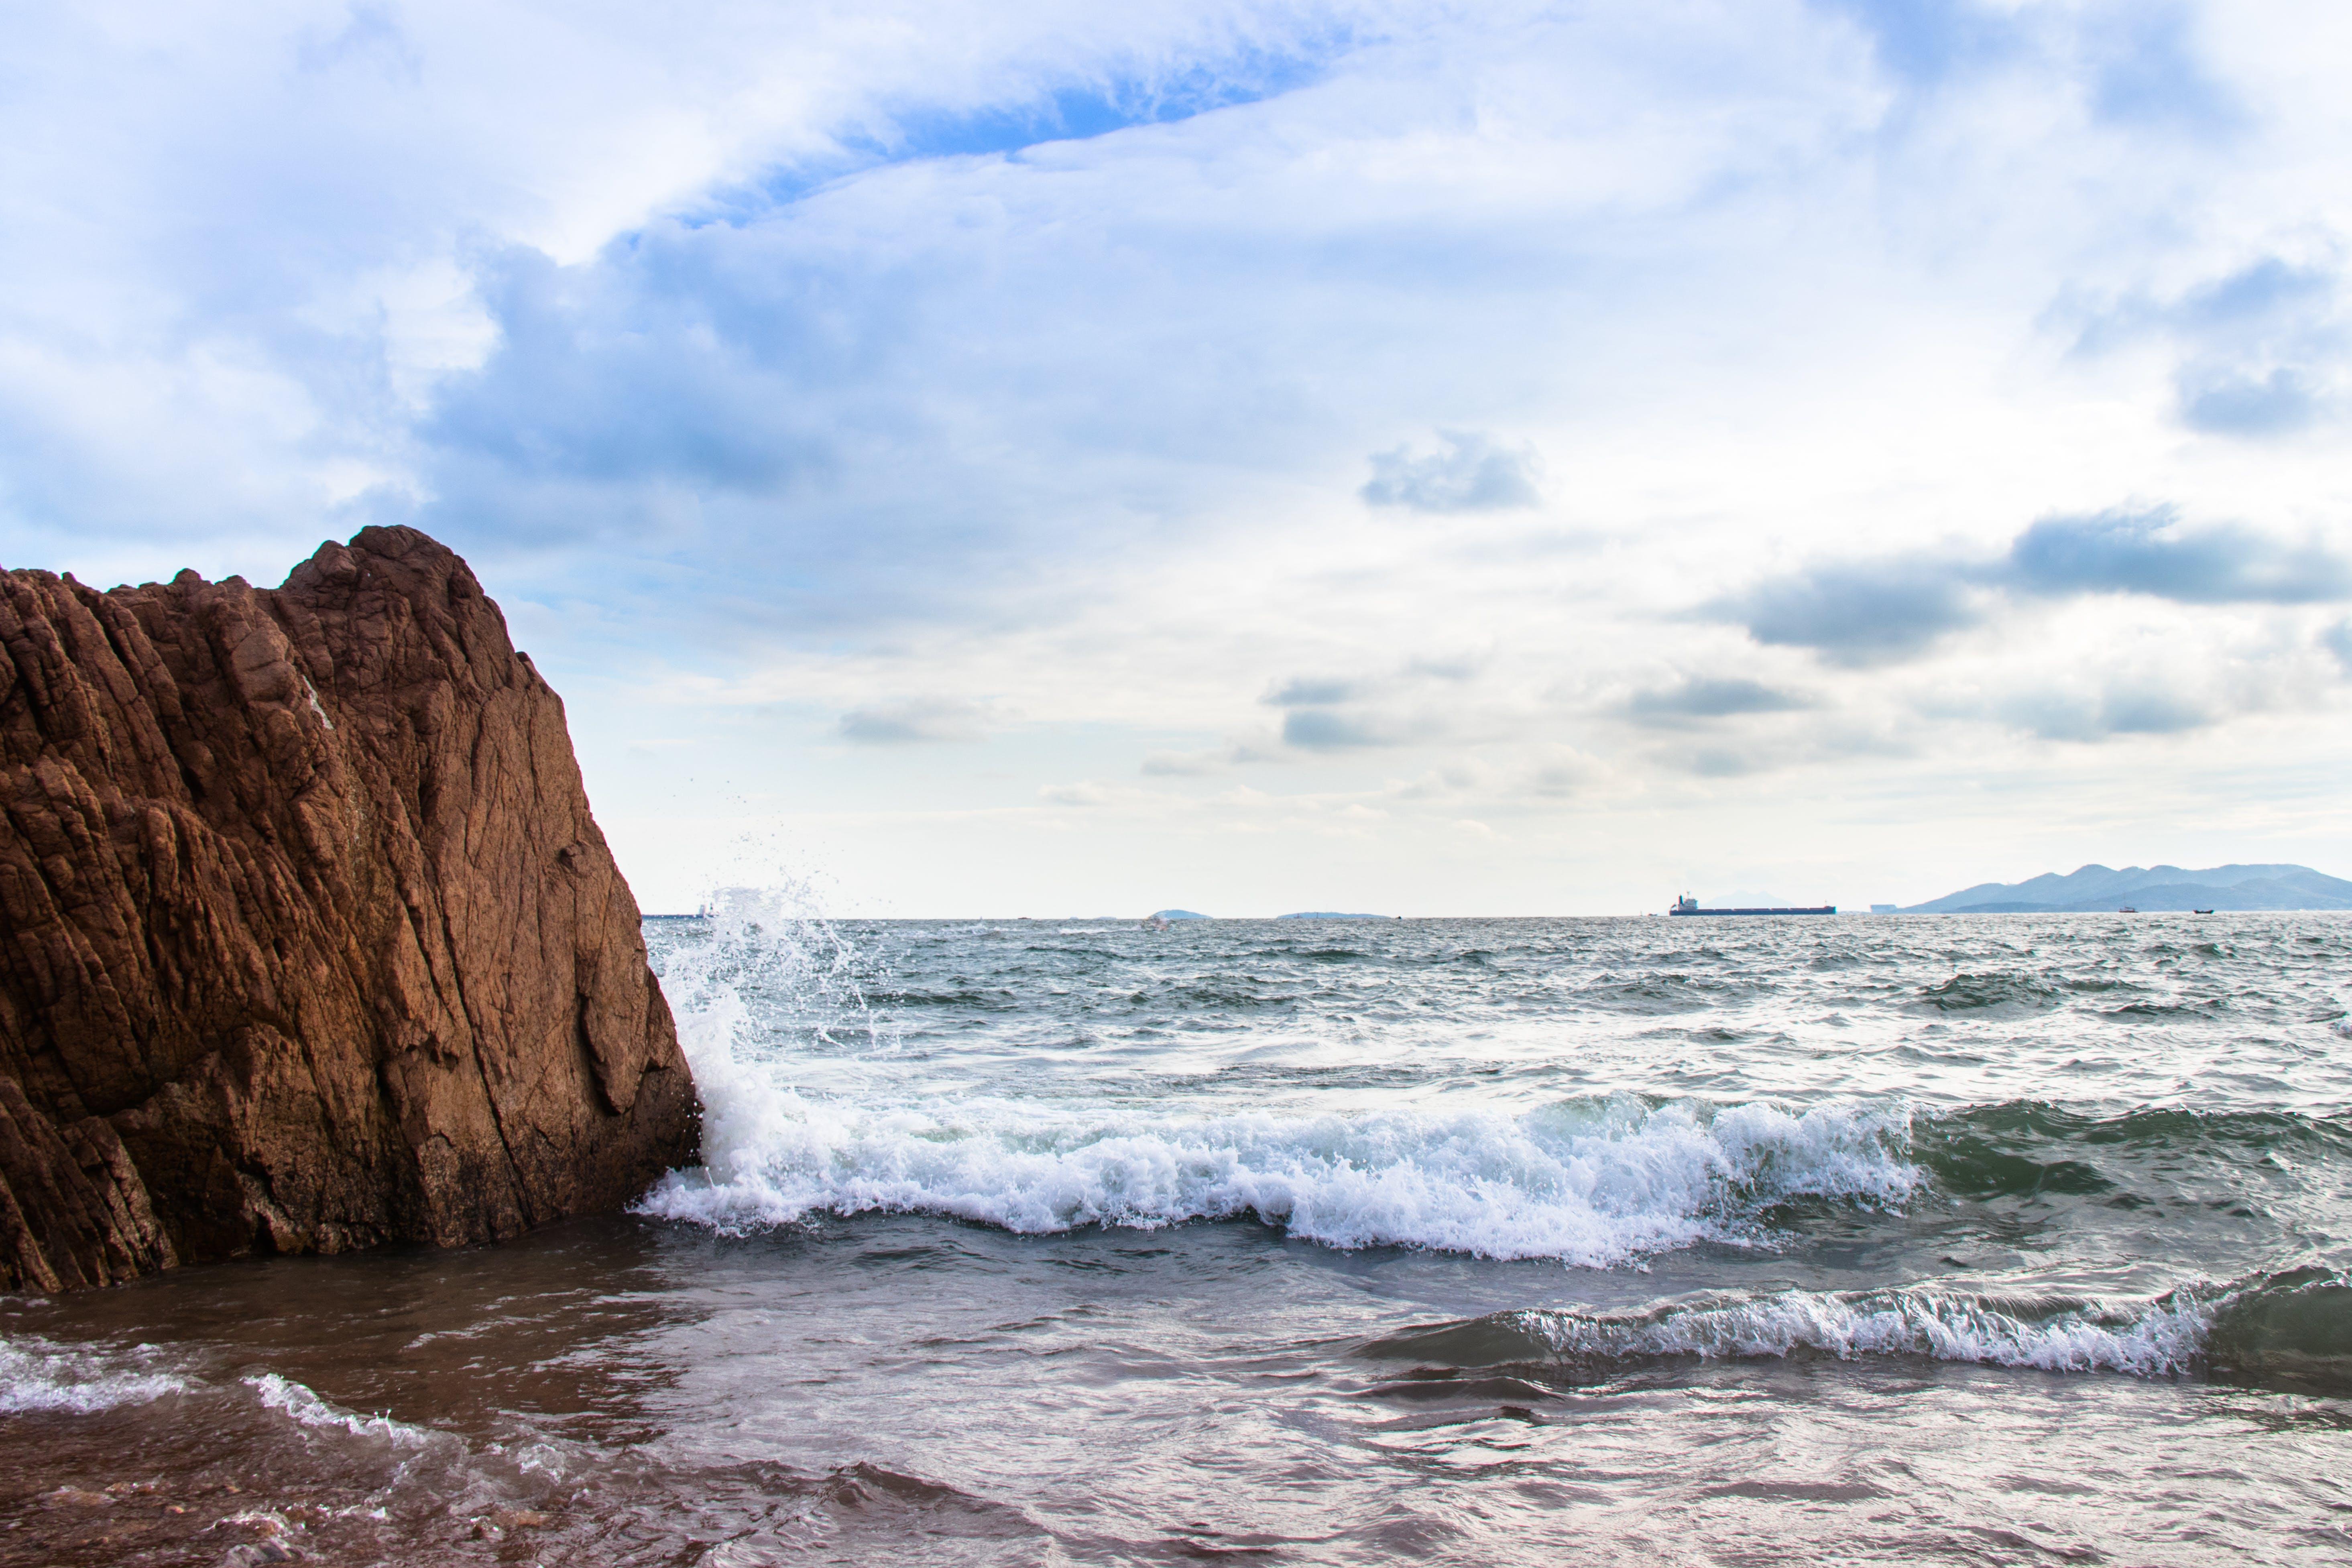 Gratis lagerfoto af bølger, dagtimer, hav, havudsigt